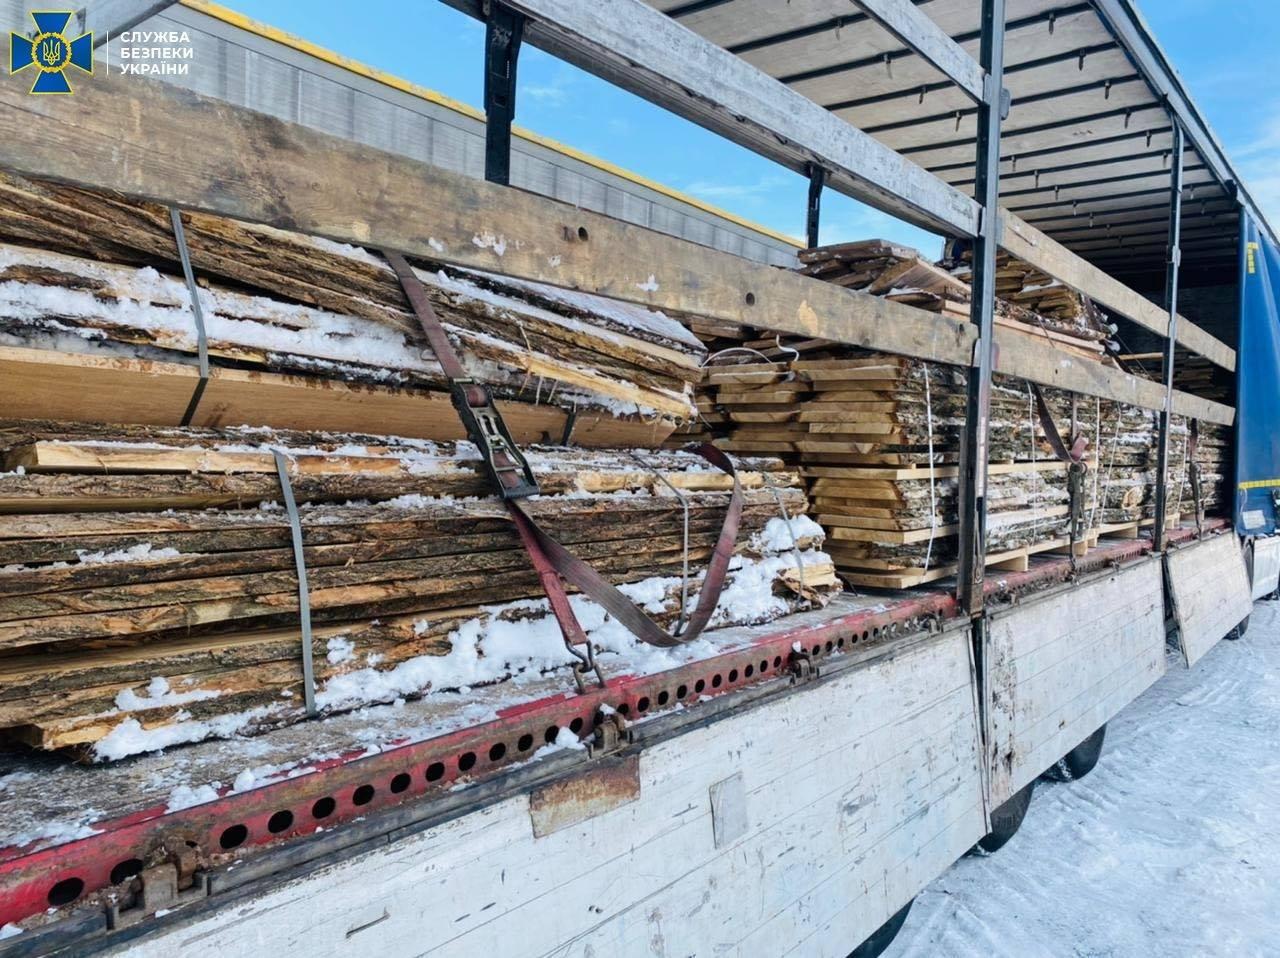 З України намагалися вивезти цінну деревину на 300 тис євро - незаконне вирубування лісу, ліс, Контрабанда, Дерева - 19 derevo